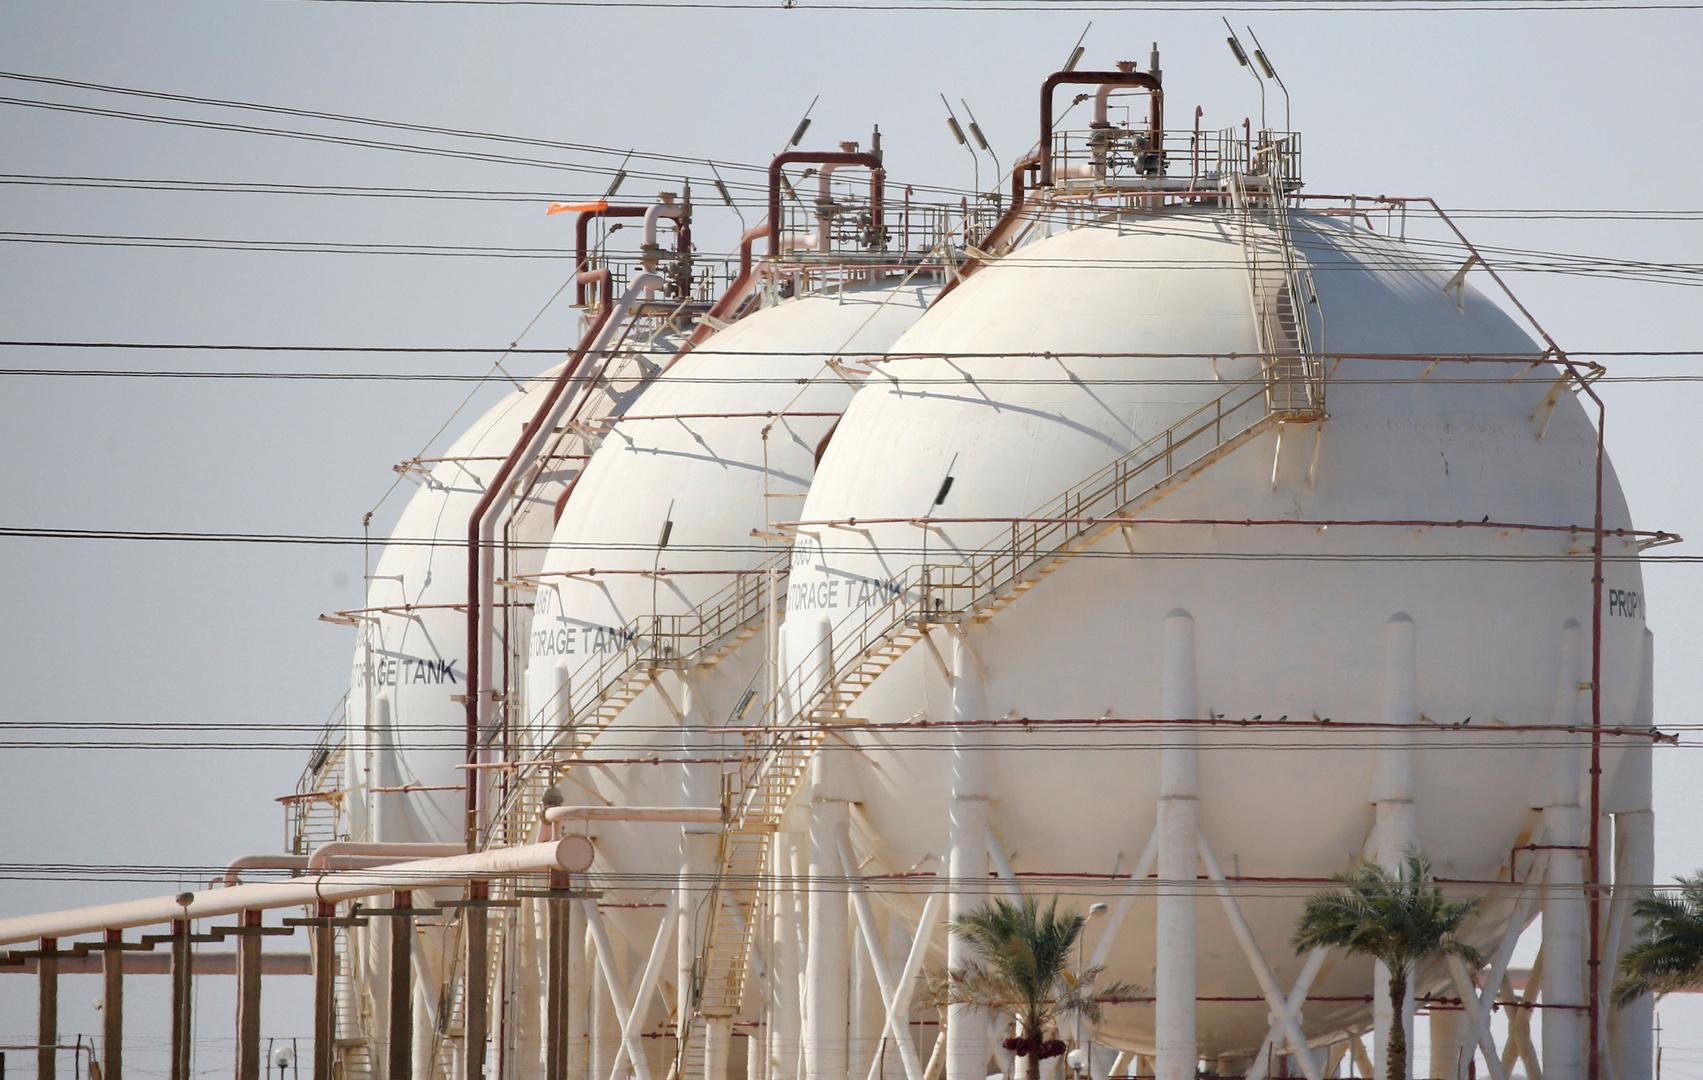 خبراء يكشفون لـRT سبب ضخ الغاز الإسرائيلي إلى مصر.. وسر الصفقة بين تل أبيب والقاهرة